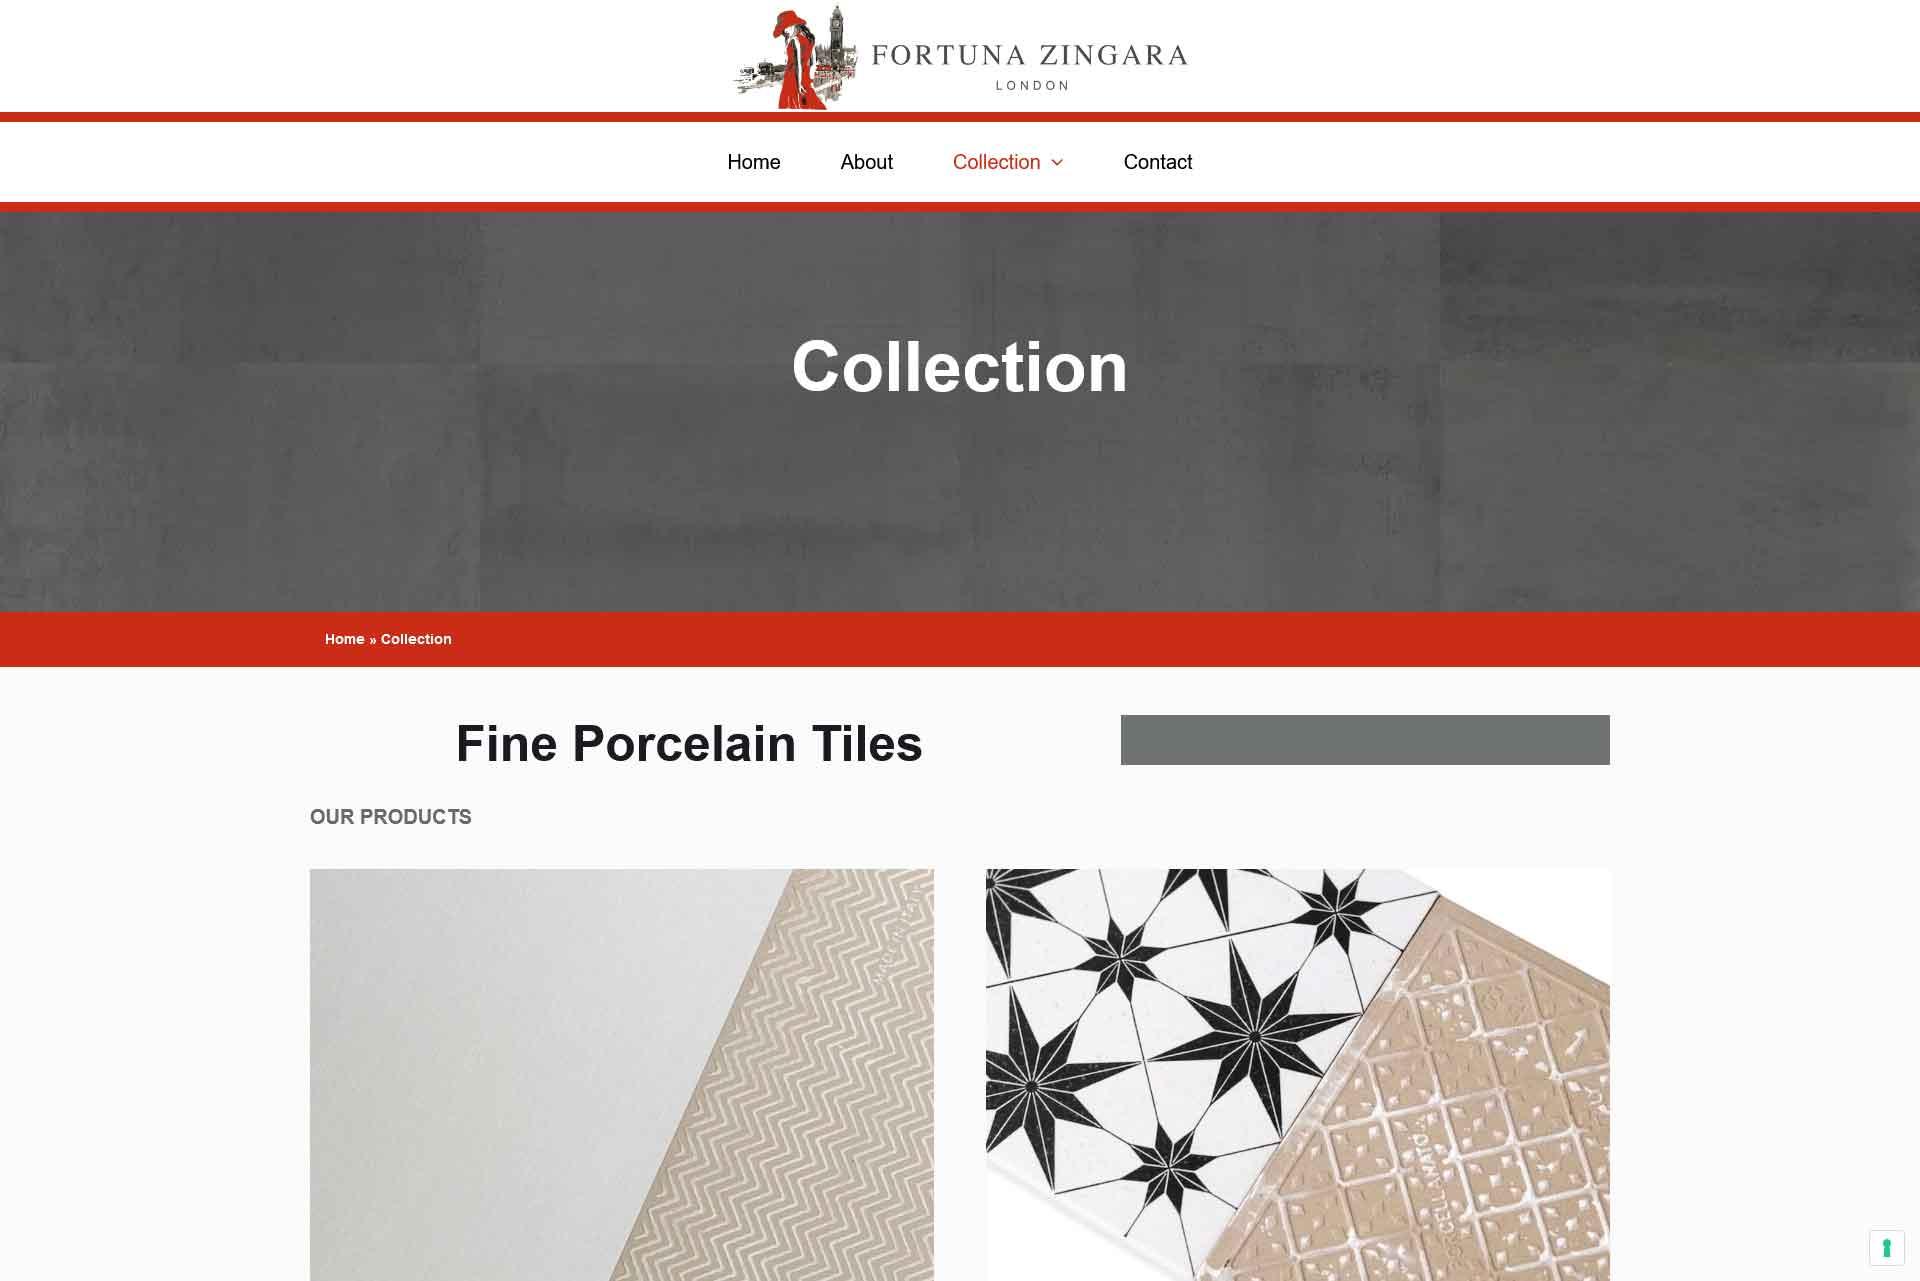 lv-design-realizzazione-siti-web-bologna-portfolio-fortuna-zingara-slide-2